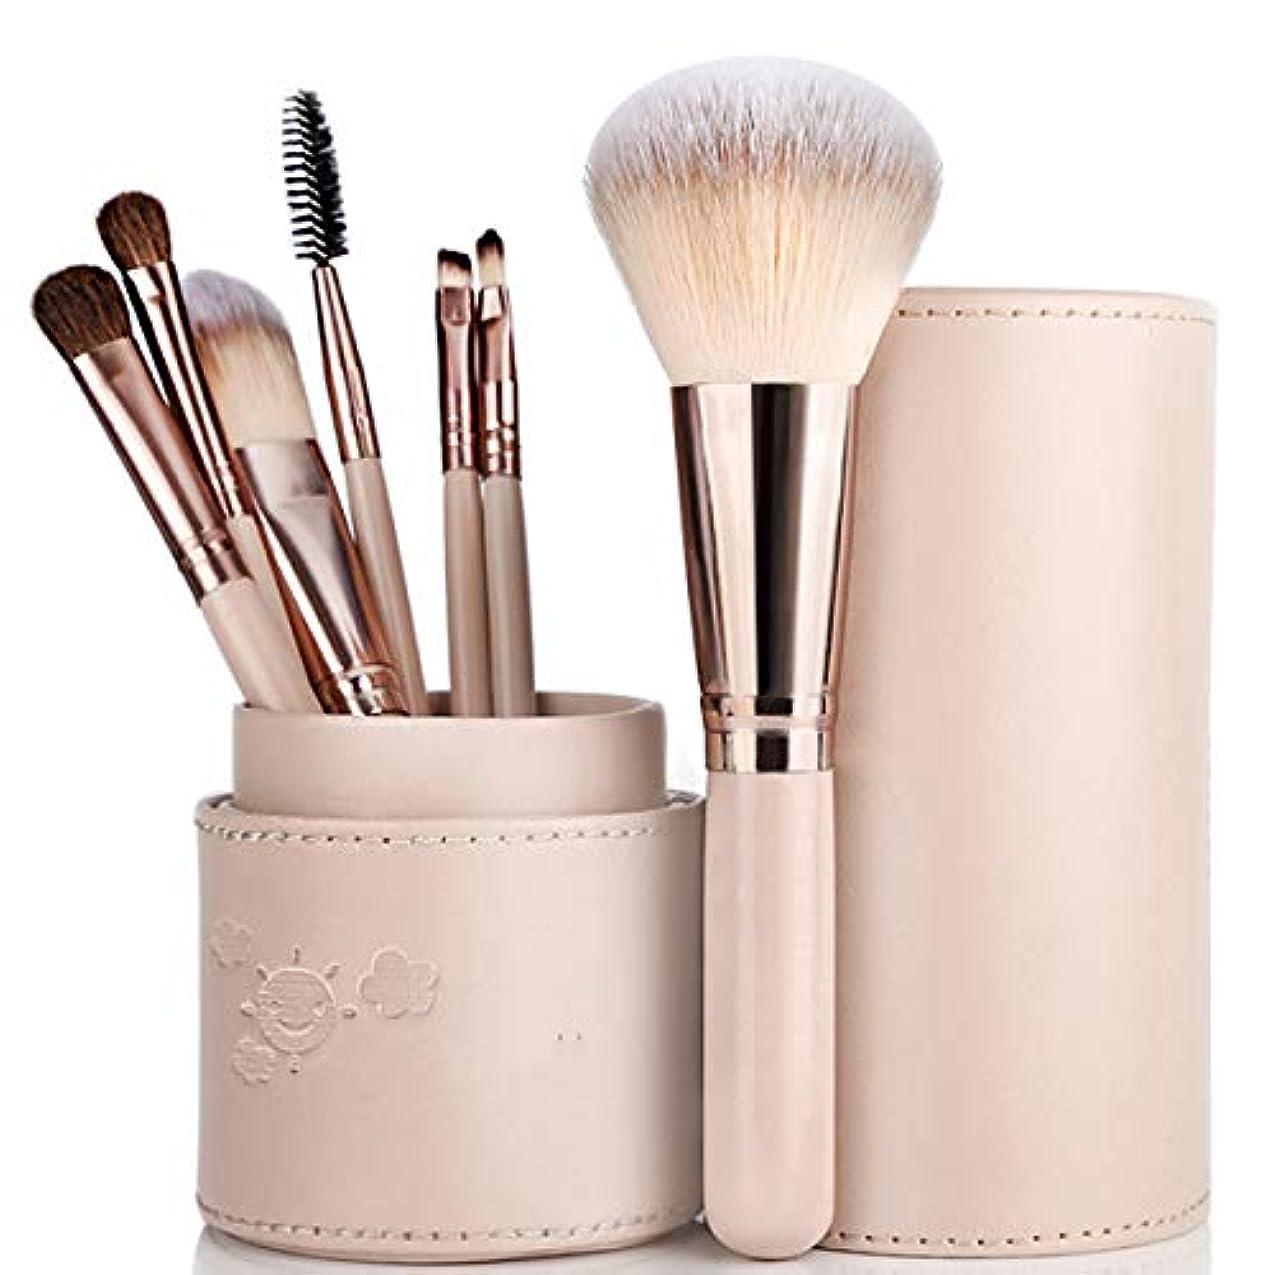 膨張する啓示損傷NORIDA メイクブラシ 化粧ブラシ 化粧筆 メイクブラシ7本セット 馬毛&高級纤维毛を使用 レザー化粧ケース付き